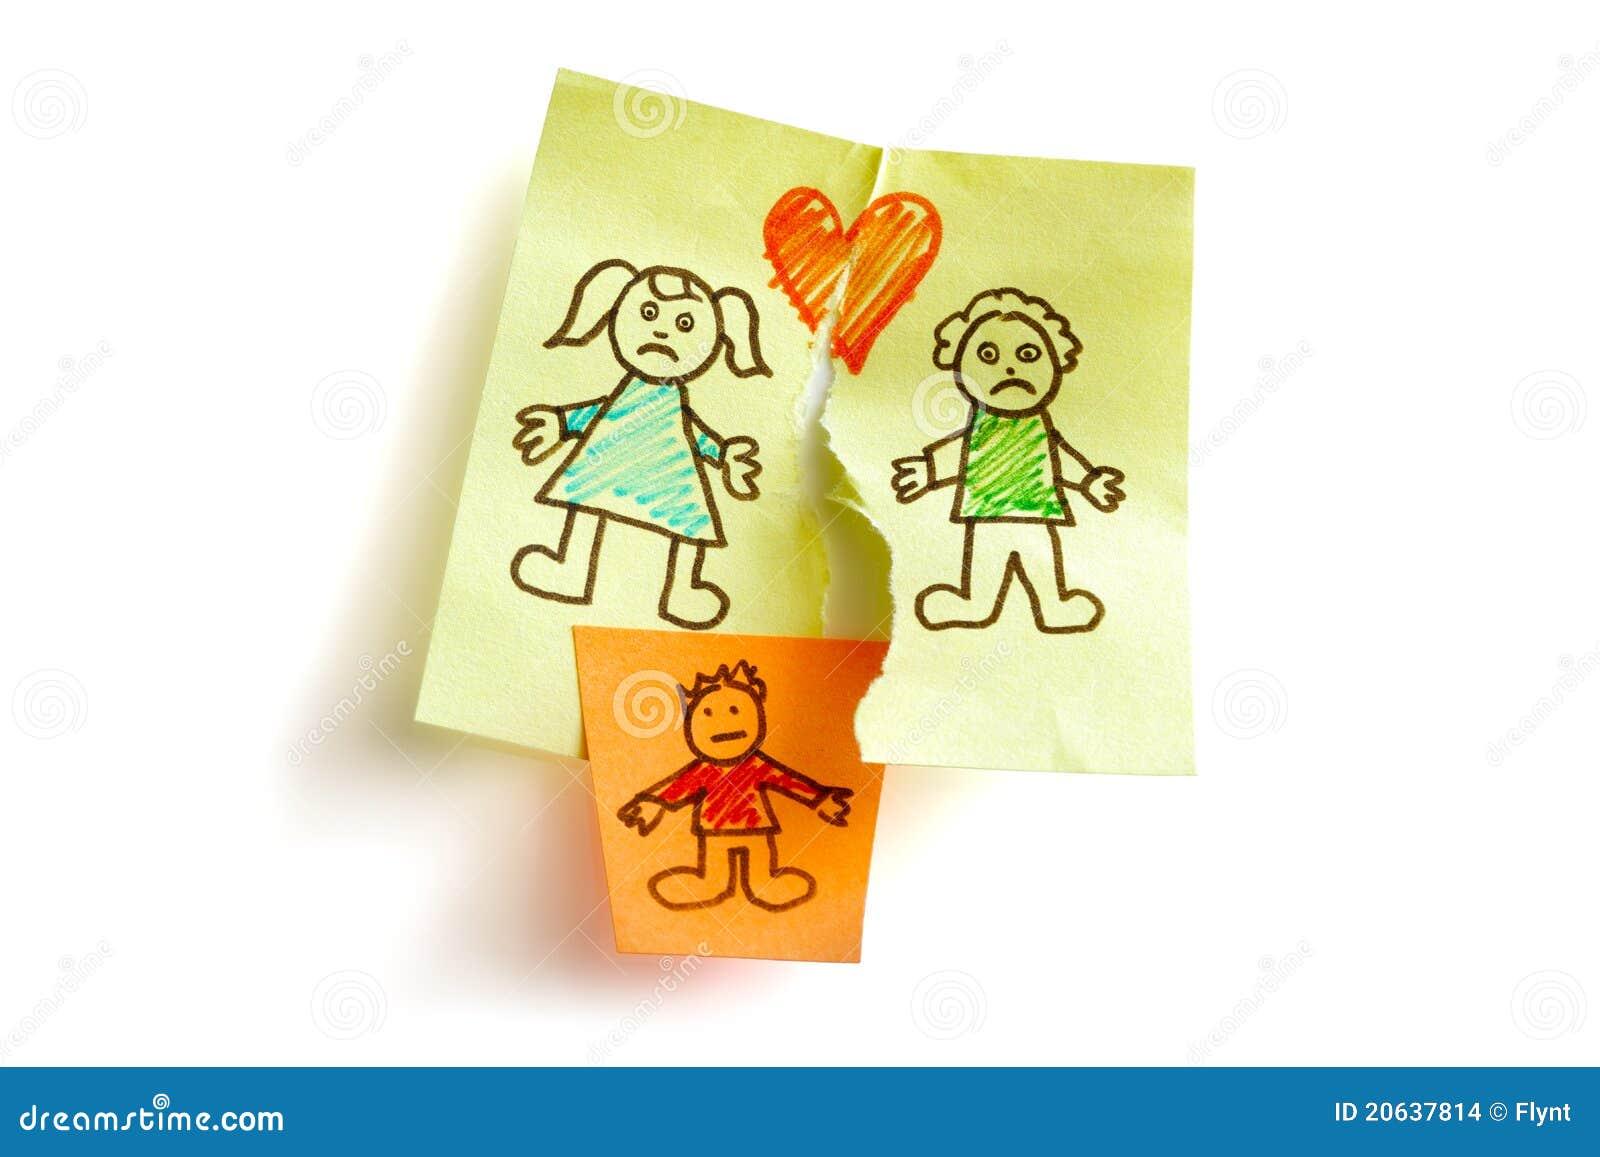 Custodia del divorcio y de niño